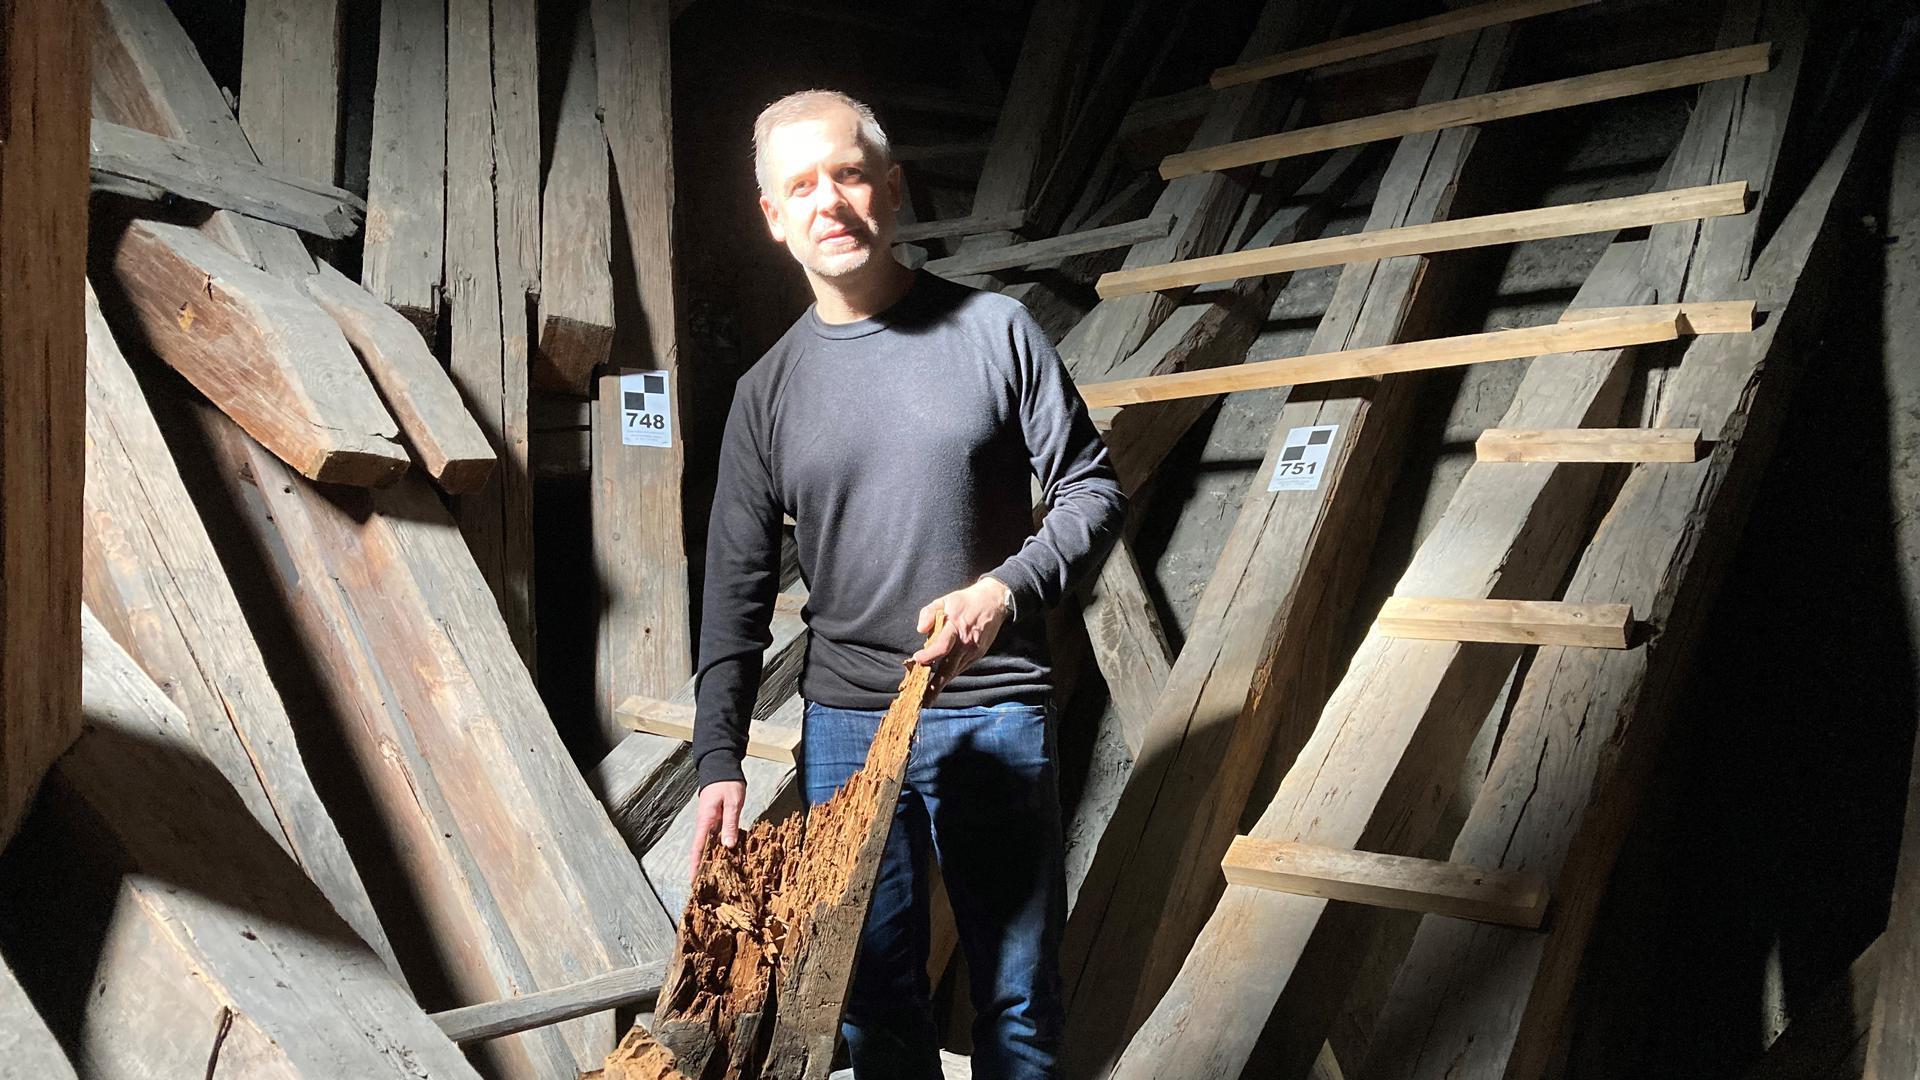 Da ist nicht der Wurm, sondern der Hausschwamm drin: Architekt Daniel Henecka zeigt im Dachgestühl der Bruchsaler Peterskirche die schadhaften Balken.